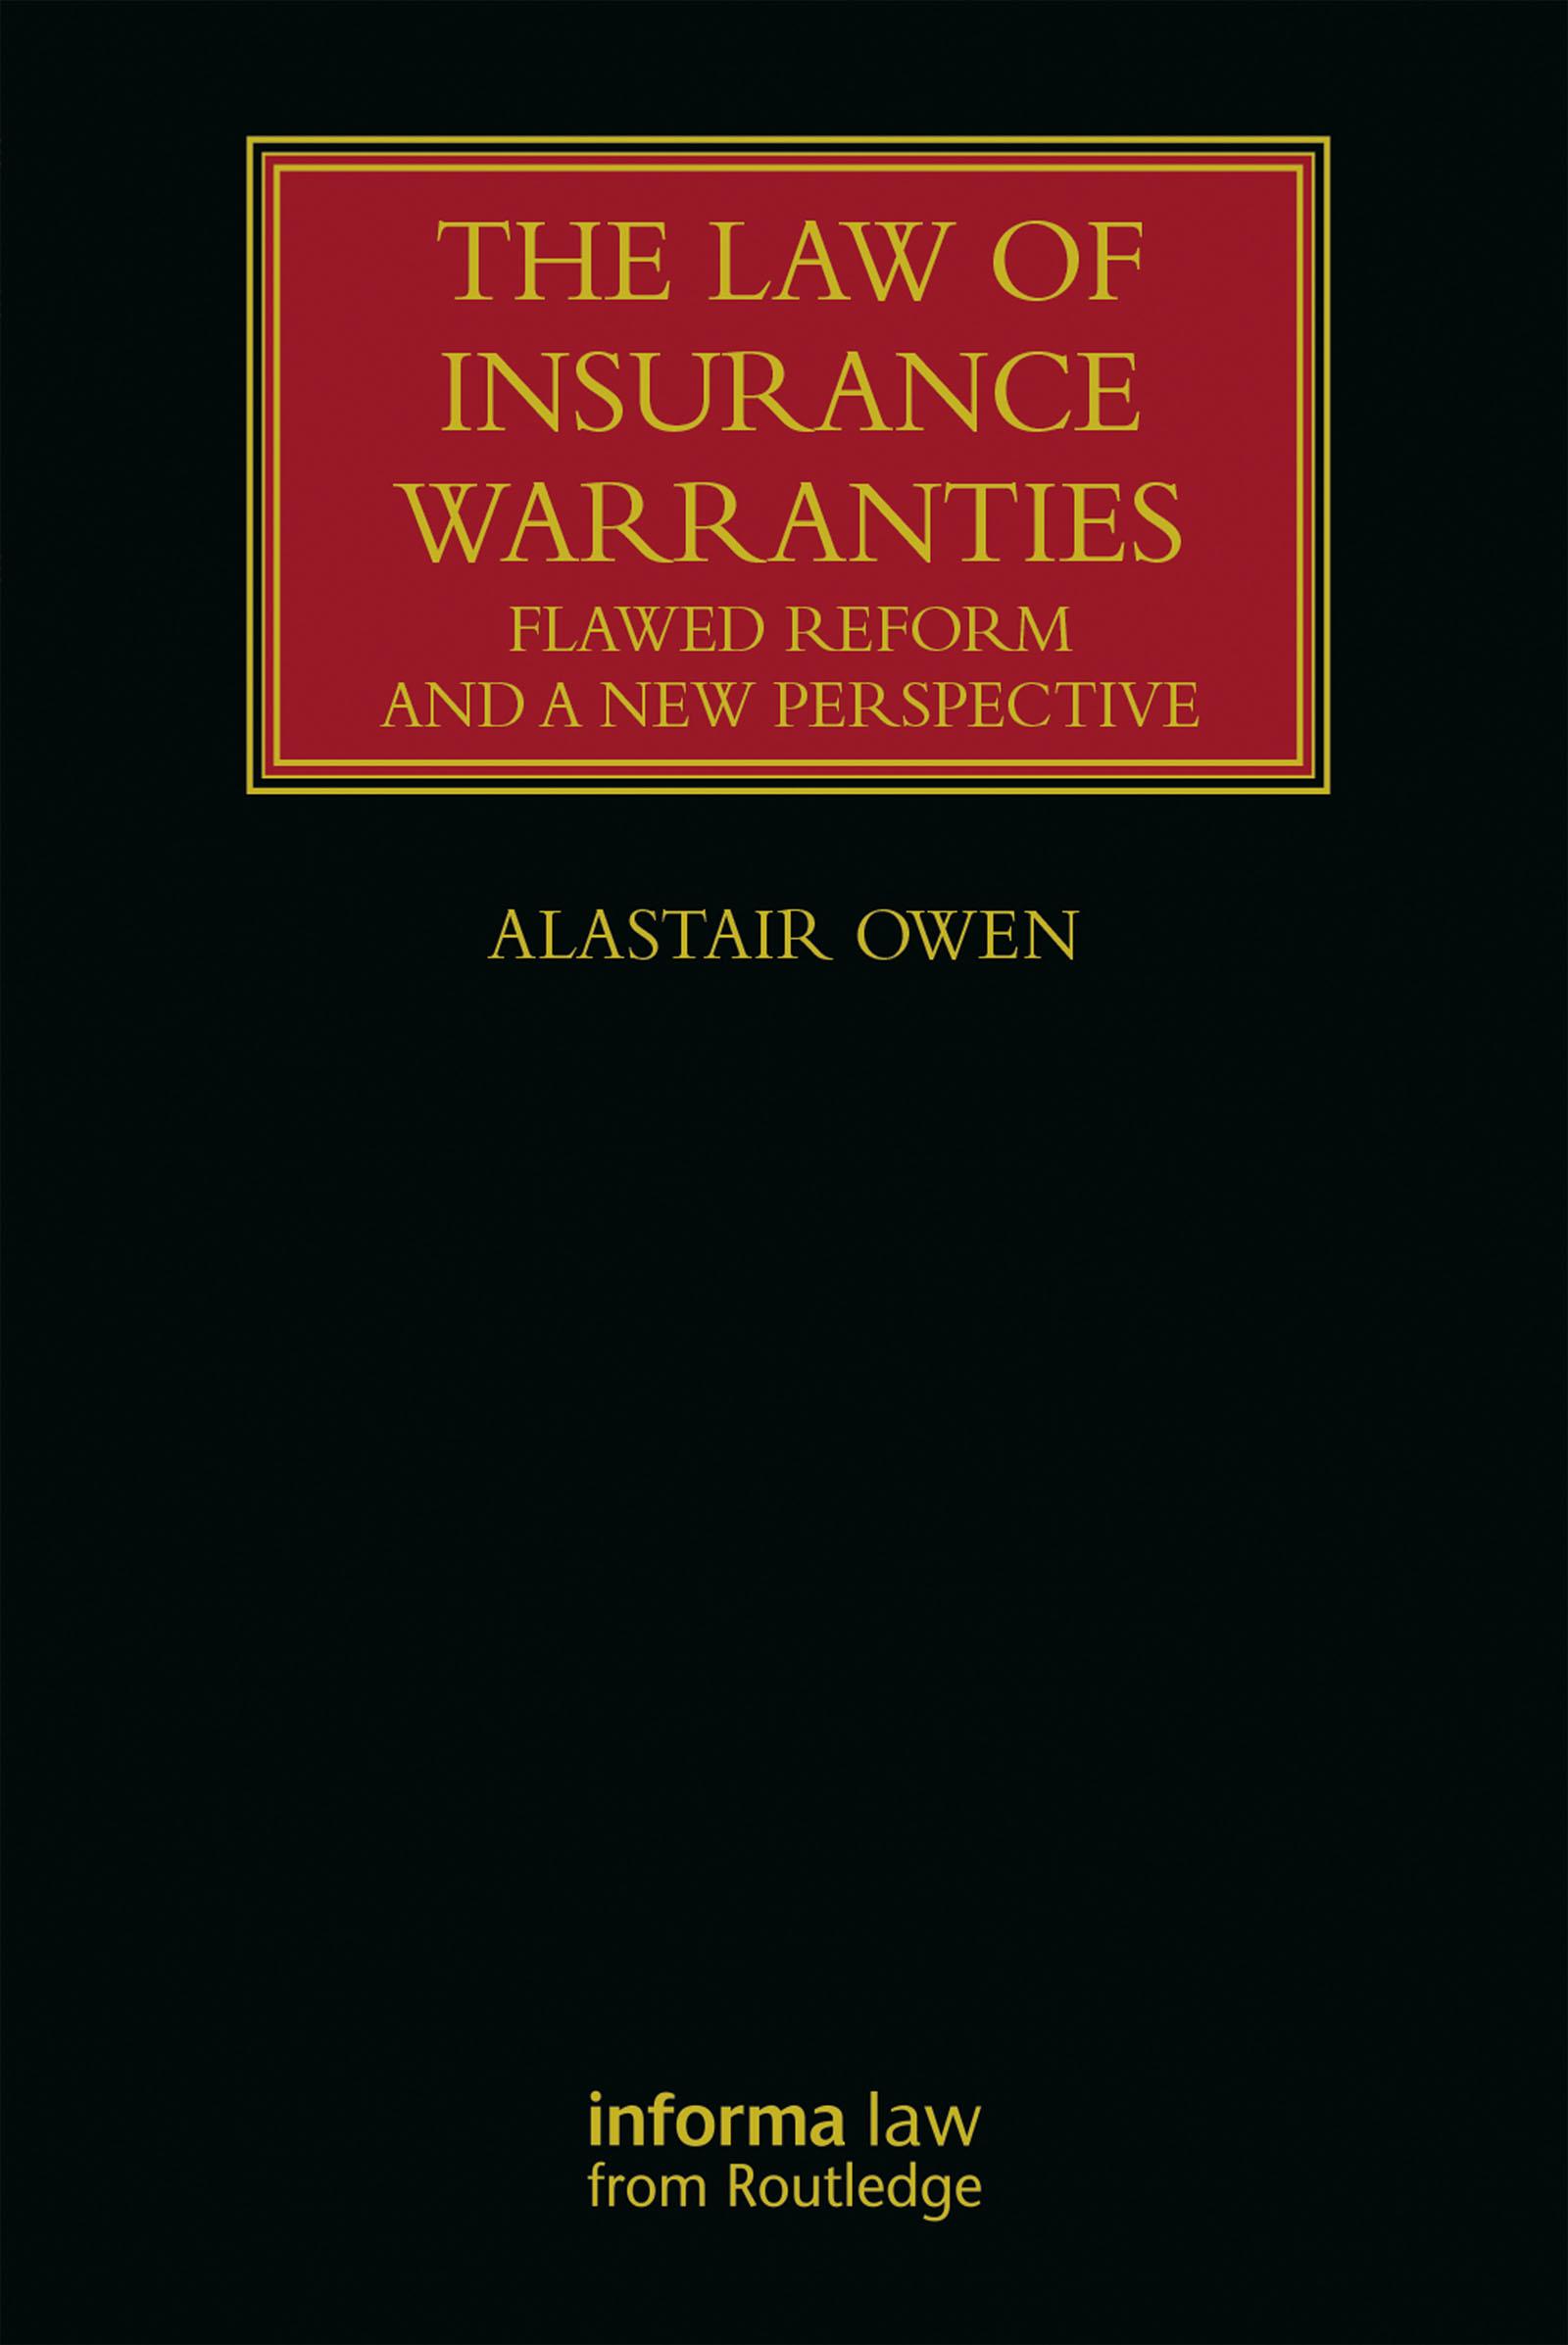 The law on insurance warranties in New Zealand